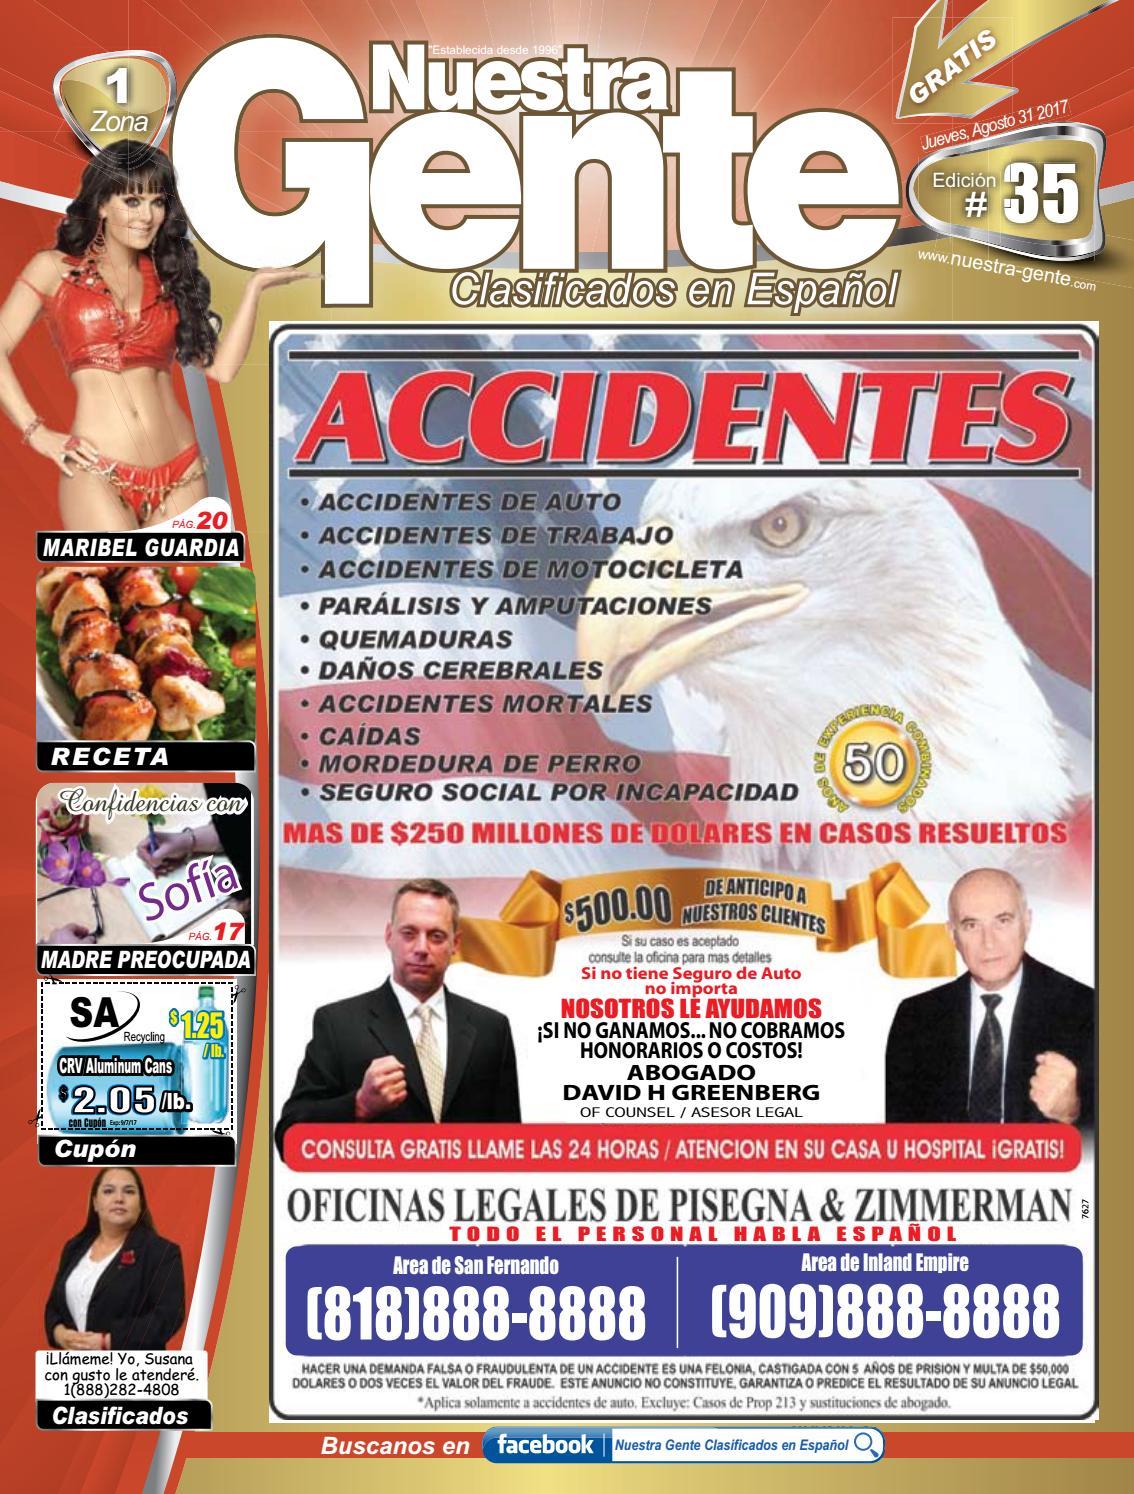 Nuestra Gente 2017 Edicion 35 Zona 1 by Nuestra Gente - issuu